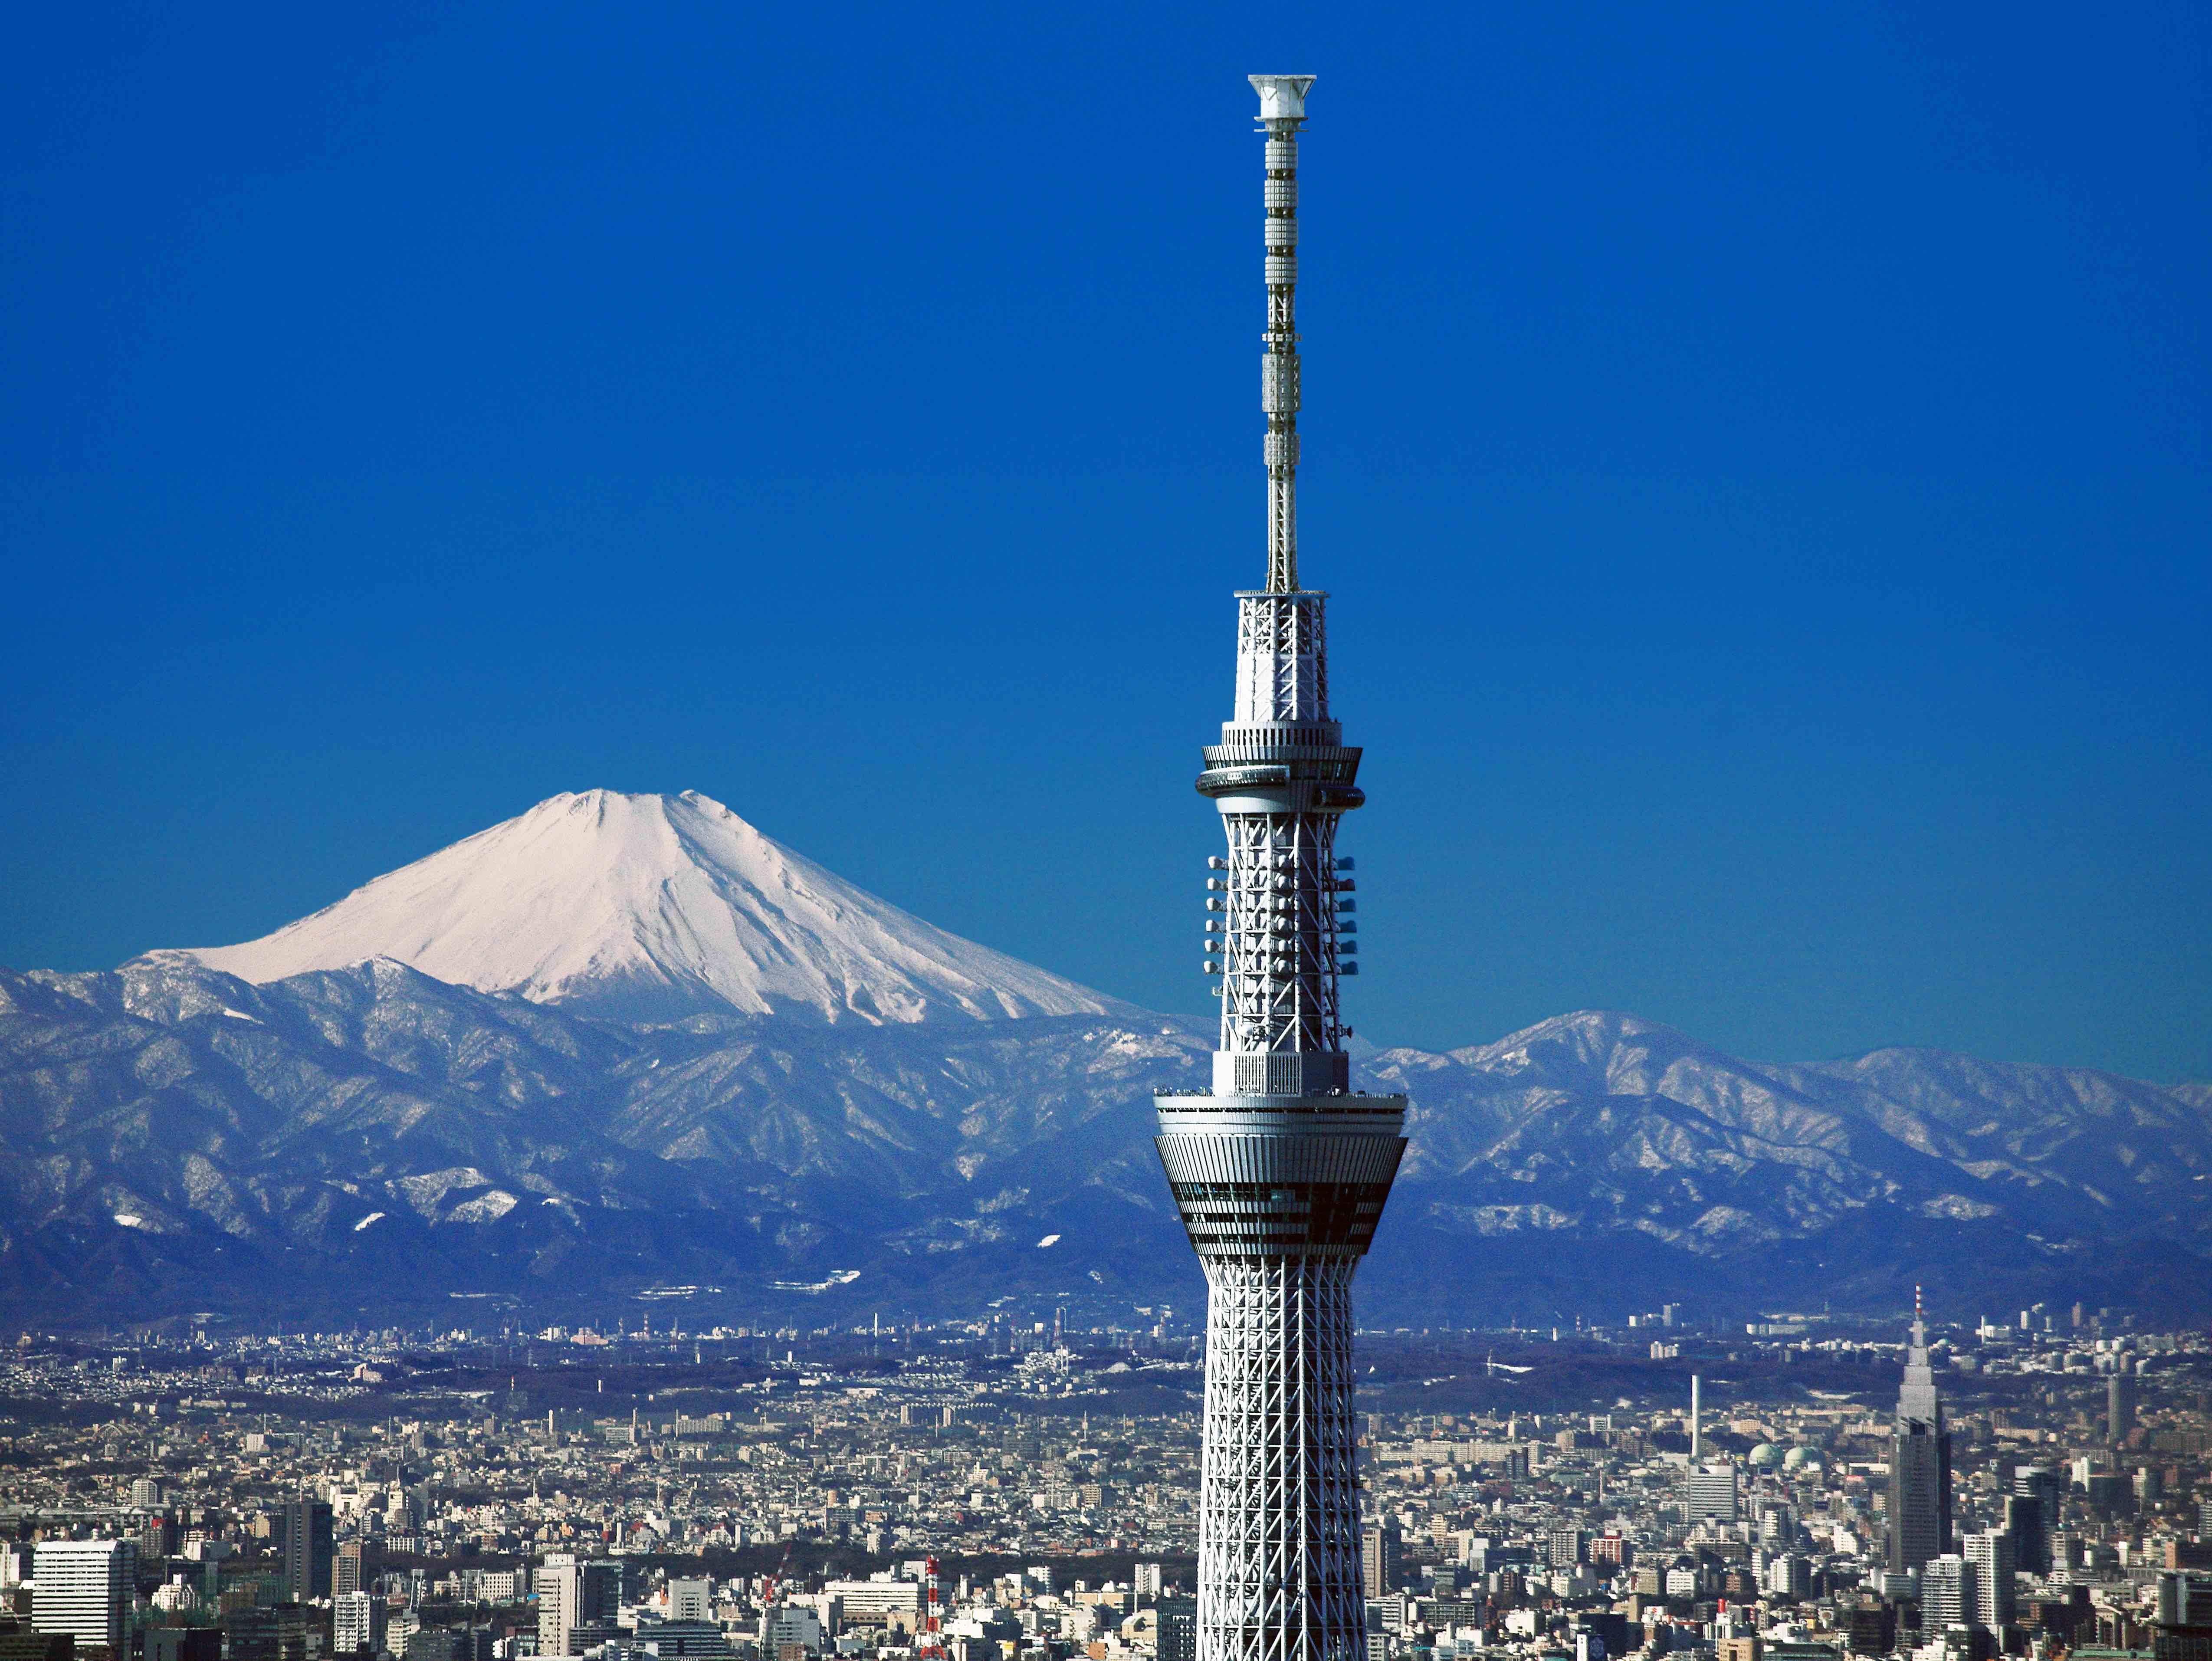 【東京必去】東京晴空塔門票Tokyo Sky Tree(350m與450m任選) - KKday